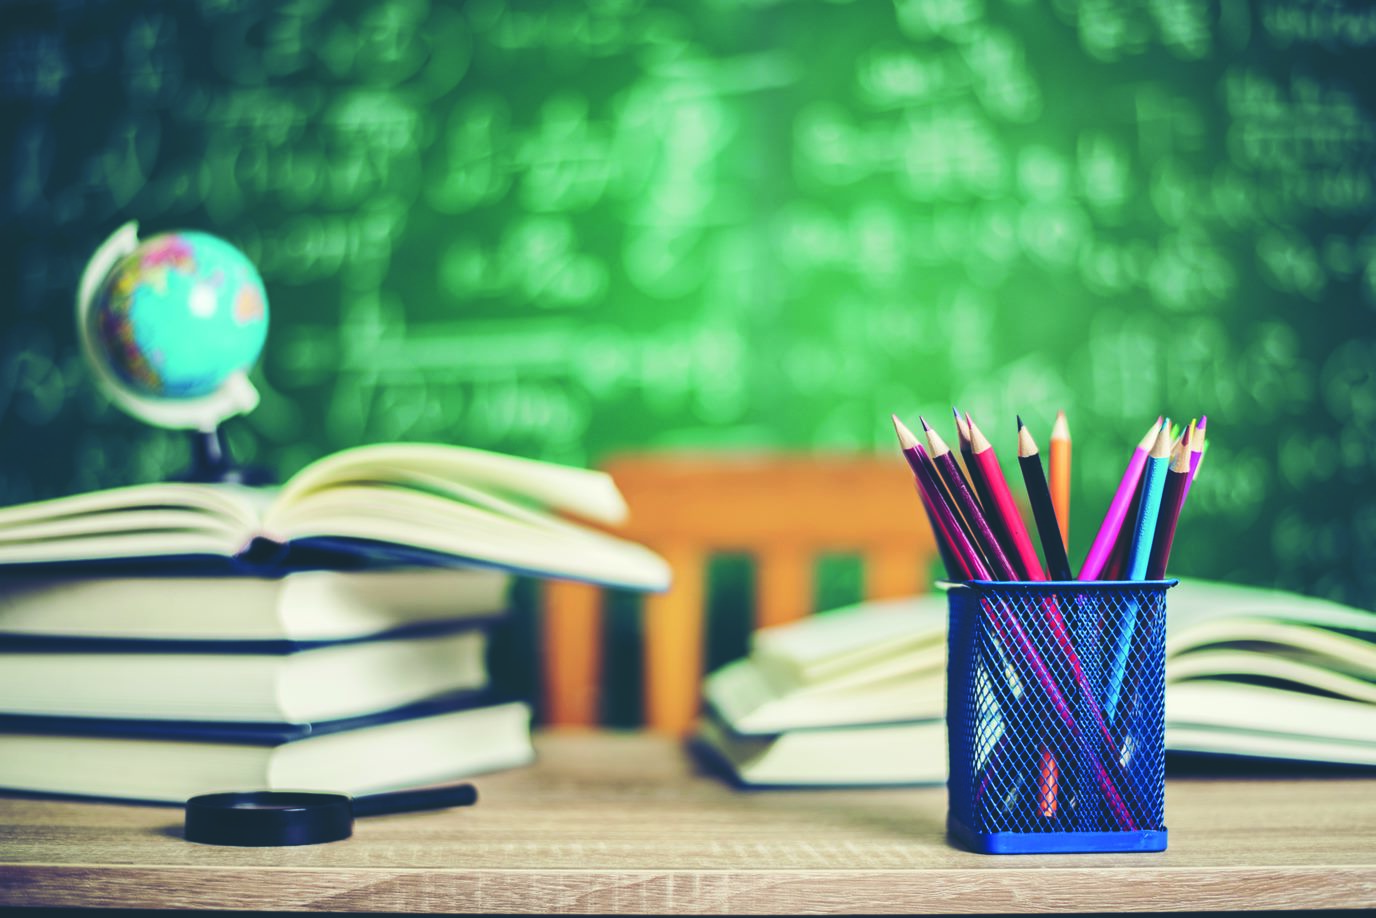 Esenzione Green Pass scuola: elenco ministero, chi può accedere senza certificato